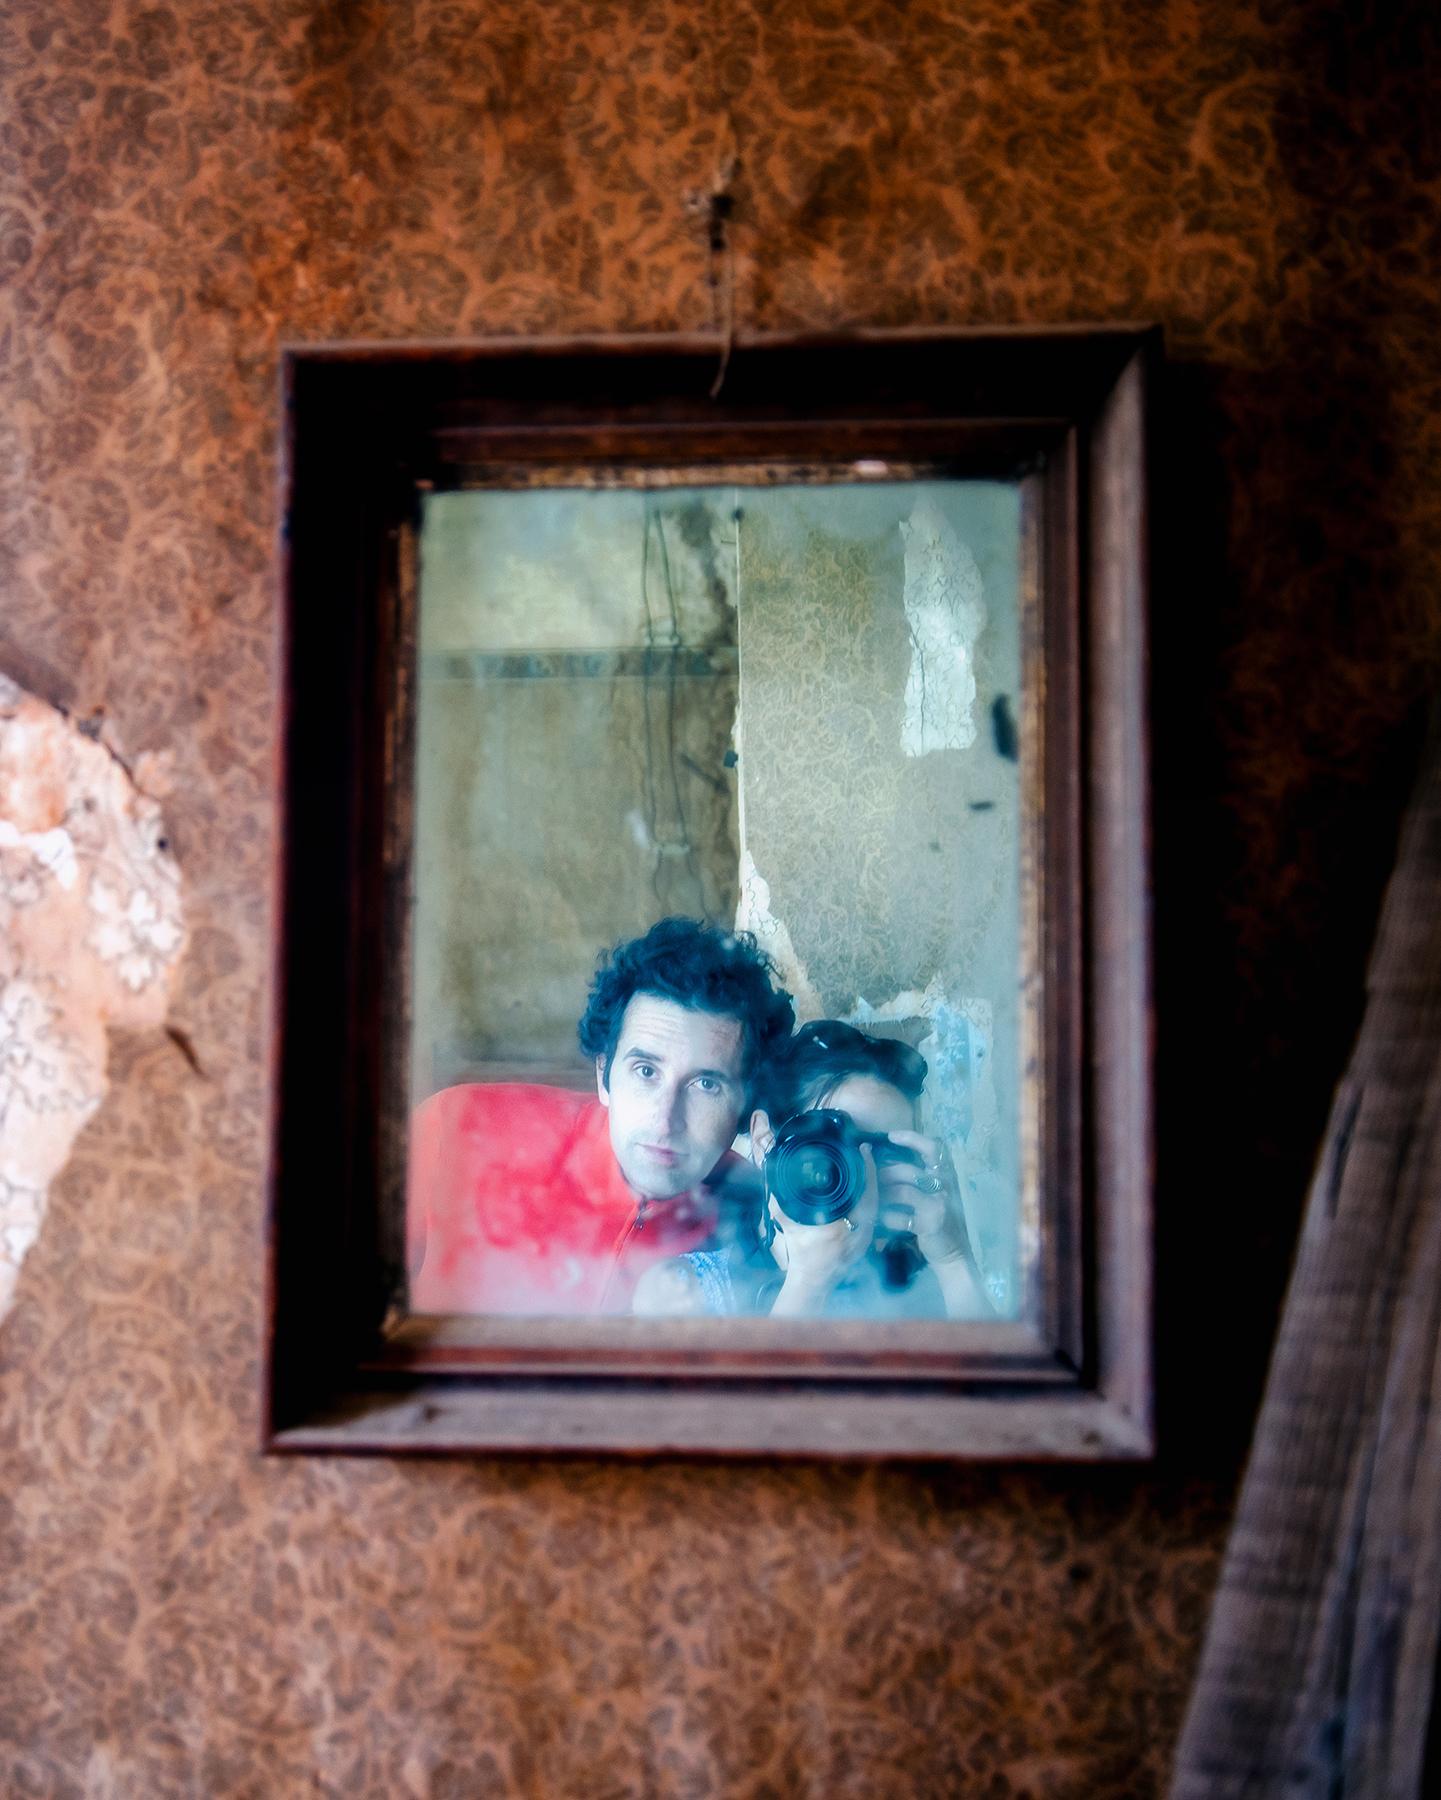 Selfie in a ghost town